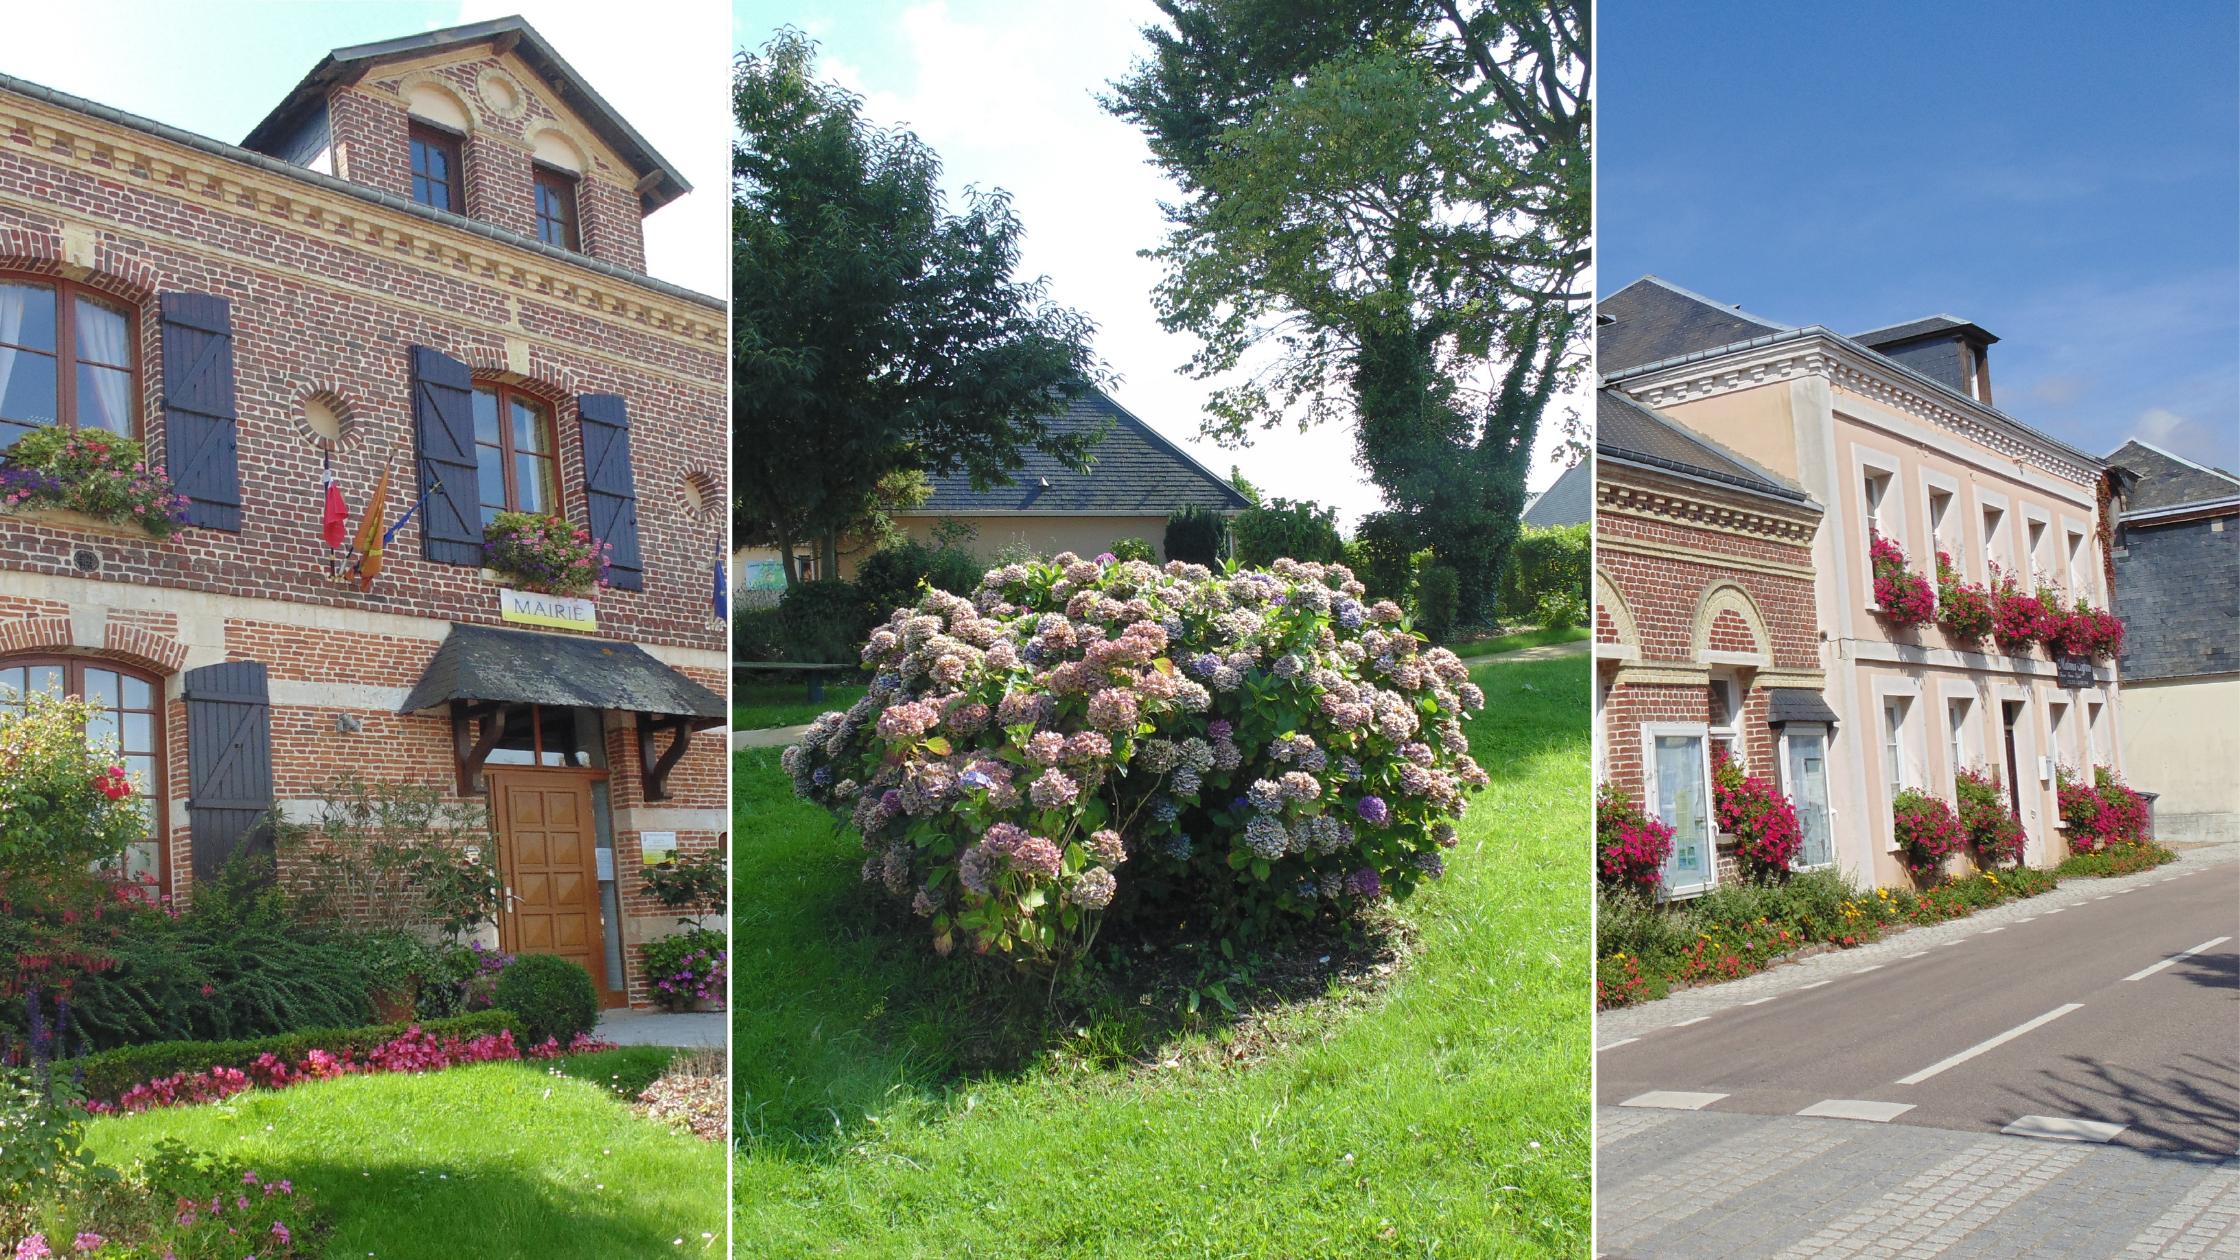 Commune de Sainneville-sur-Seine